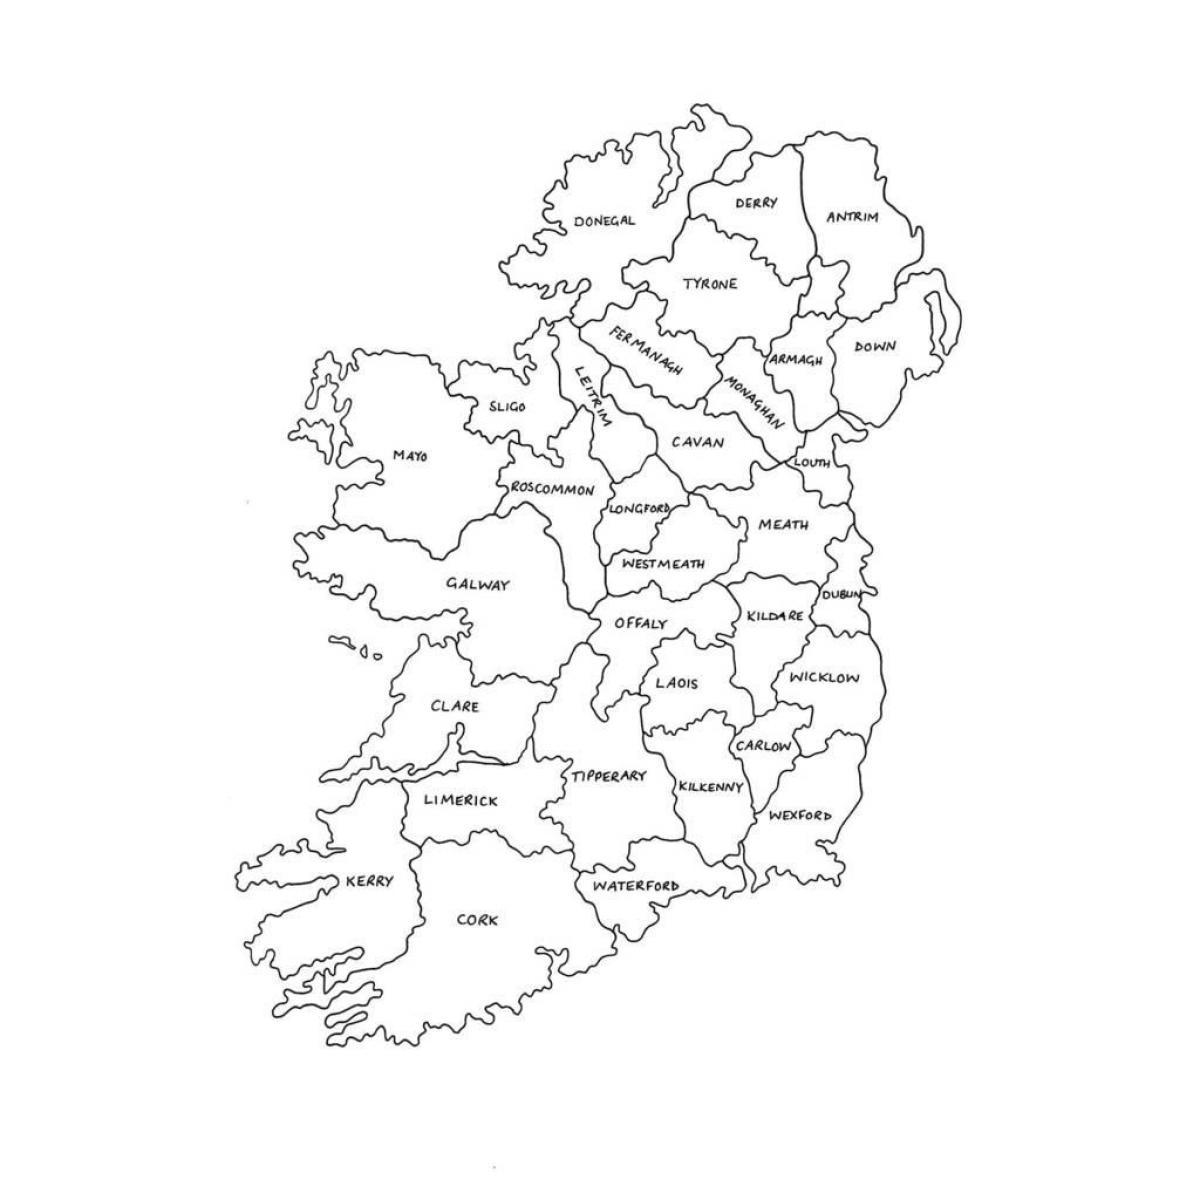 irland karte drucken Karte von Irland   drucken Karte von Irland (Northern Europe   Europa)